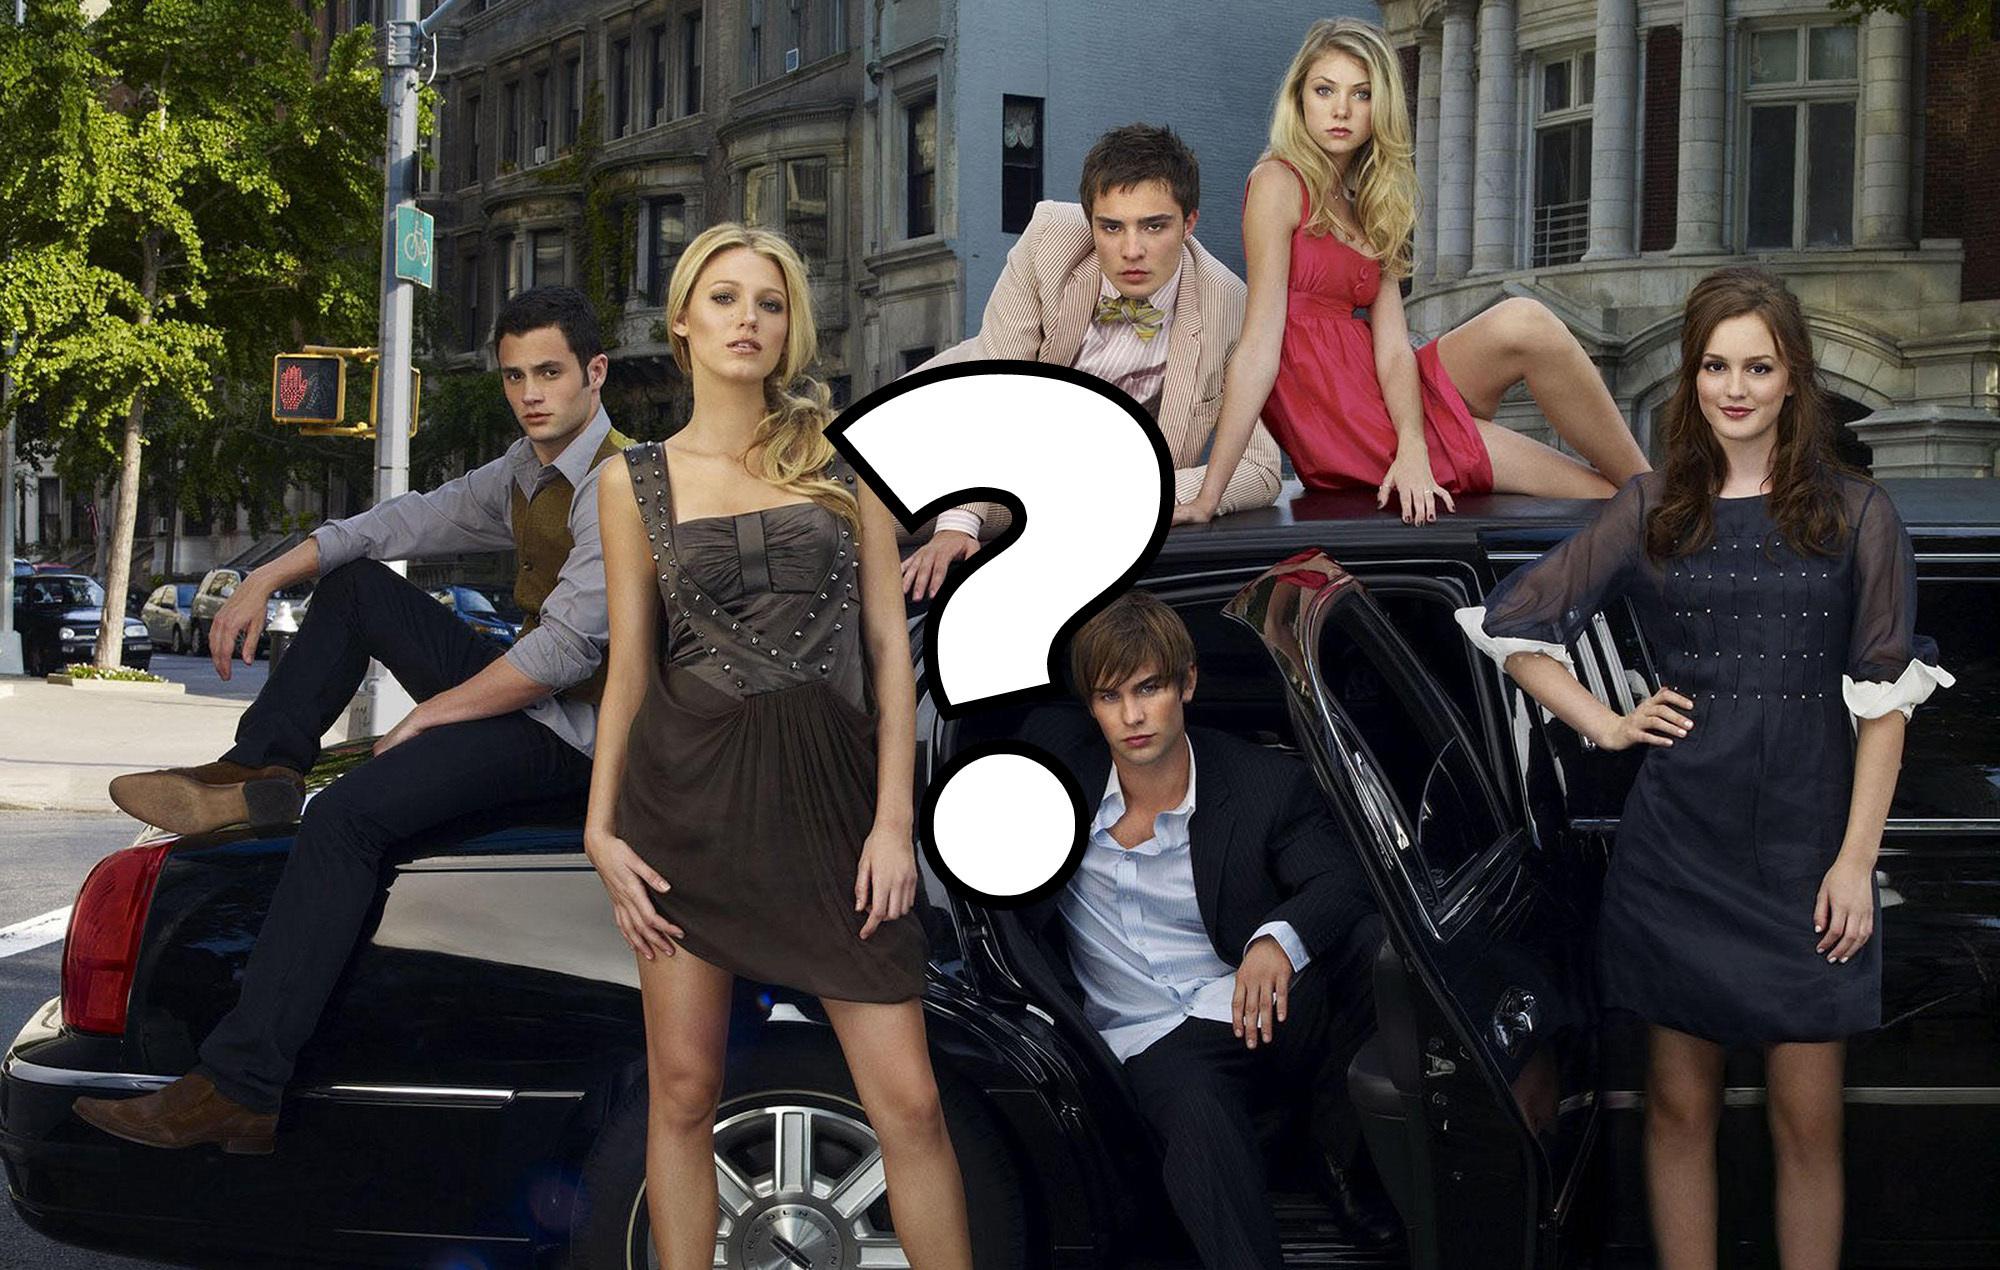 BuzzFeed russo dating Twilight Cast membri che datano